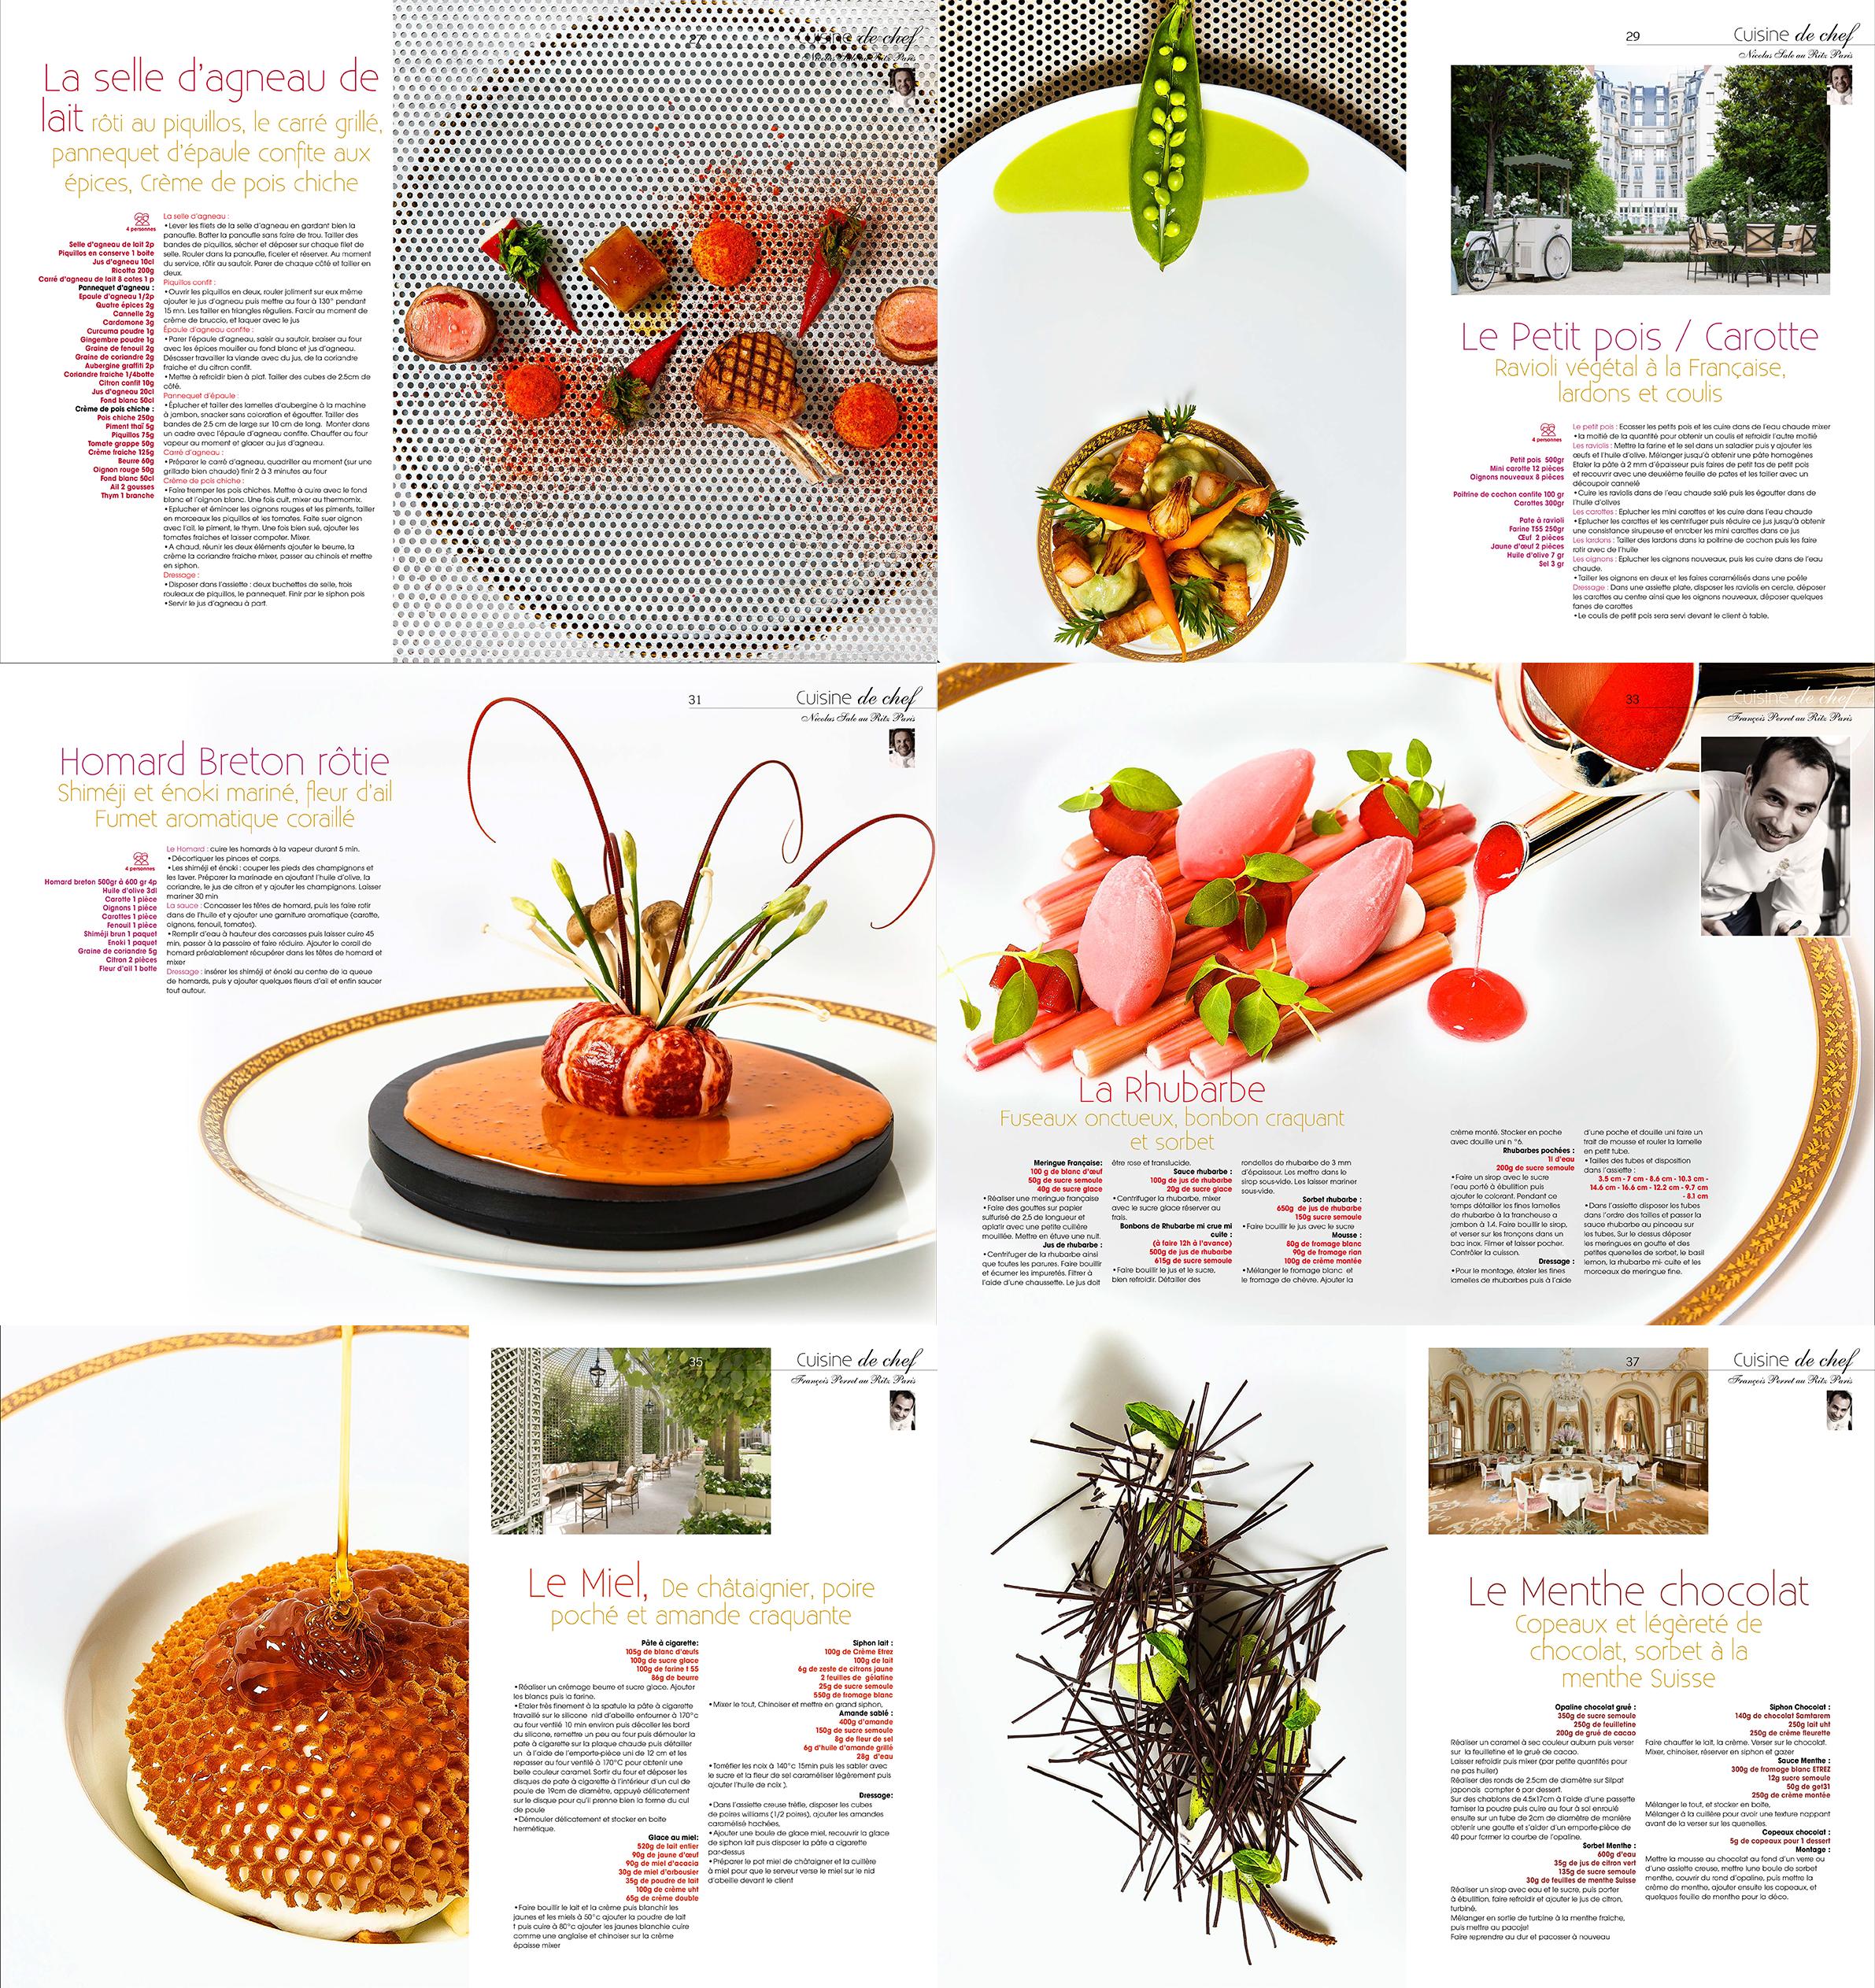 magazine cuisine A&D, Ritz Paris, Nicolas Sale, Francois Perret, recettes, ©Alban Couturier